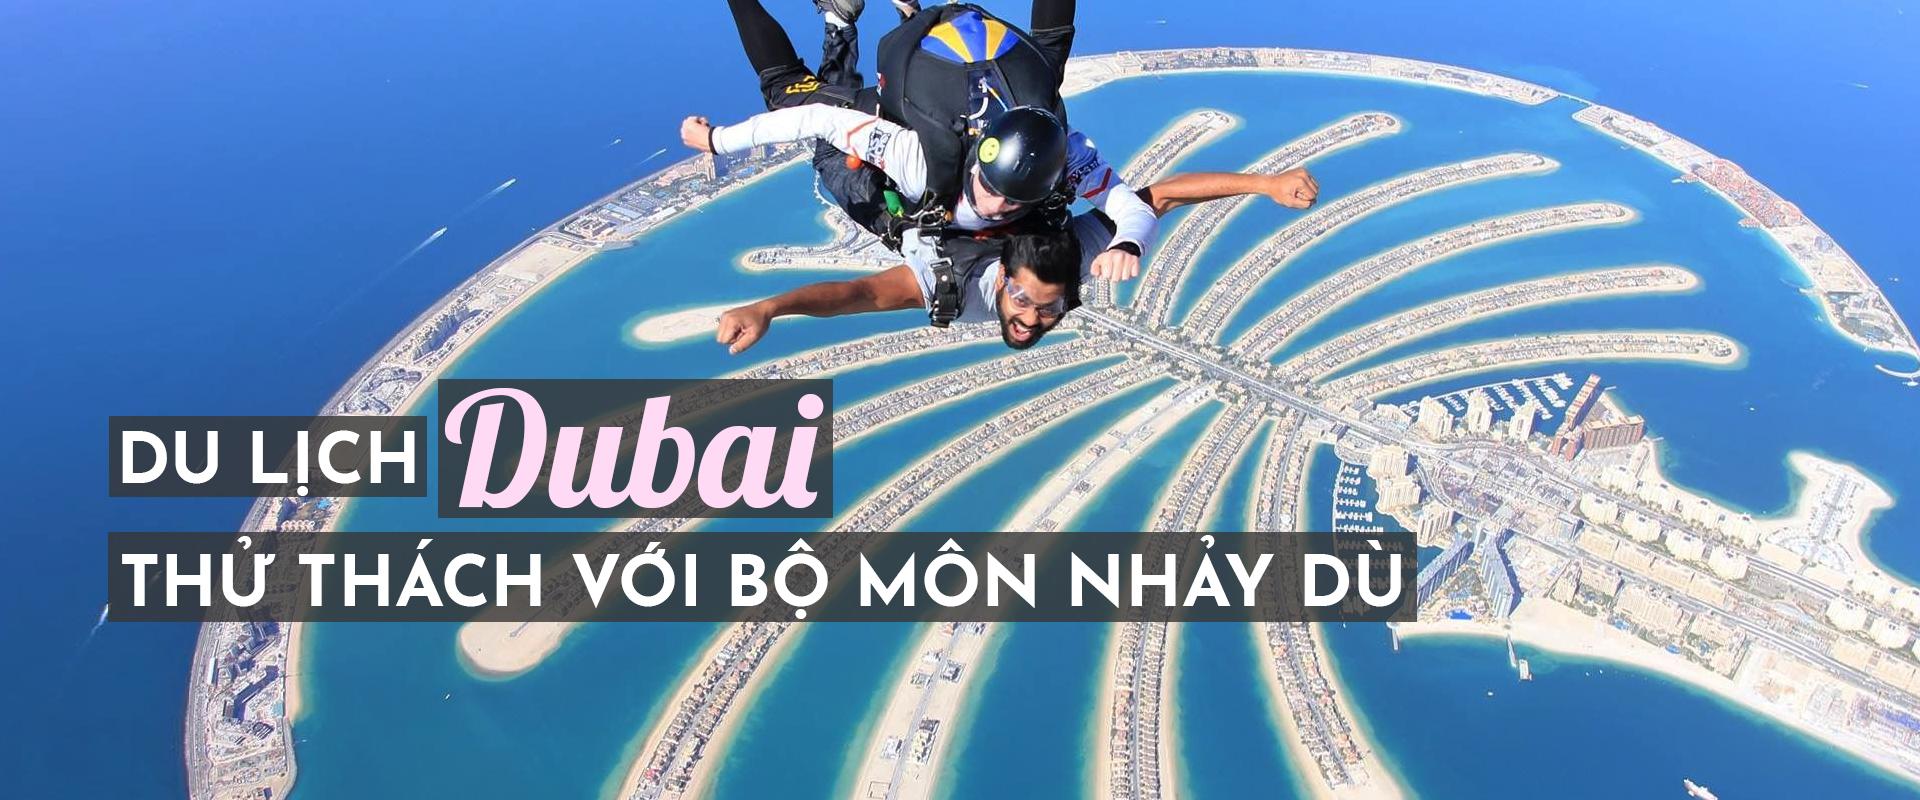 Du lịch ở Dubai: thử thách với môn nhảy dù